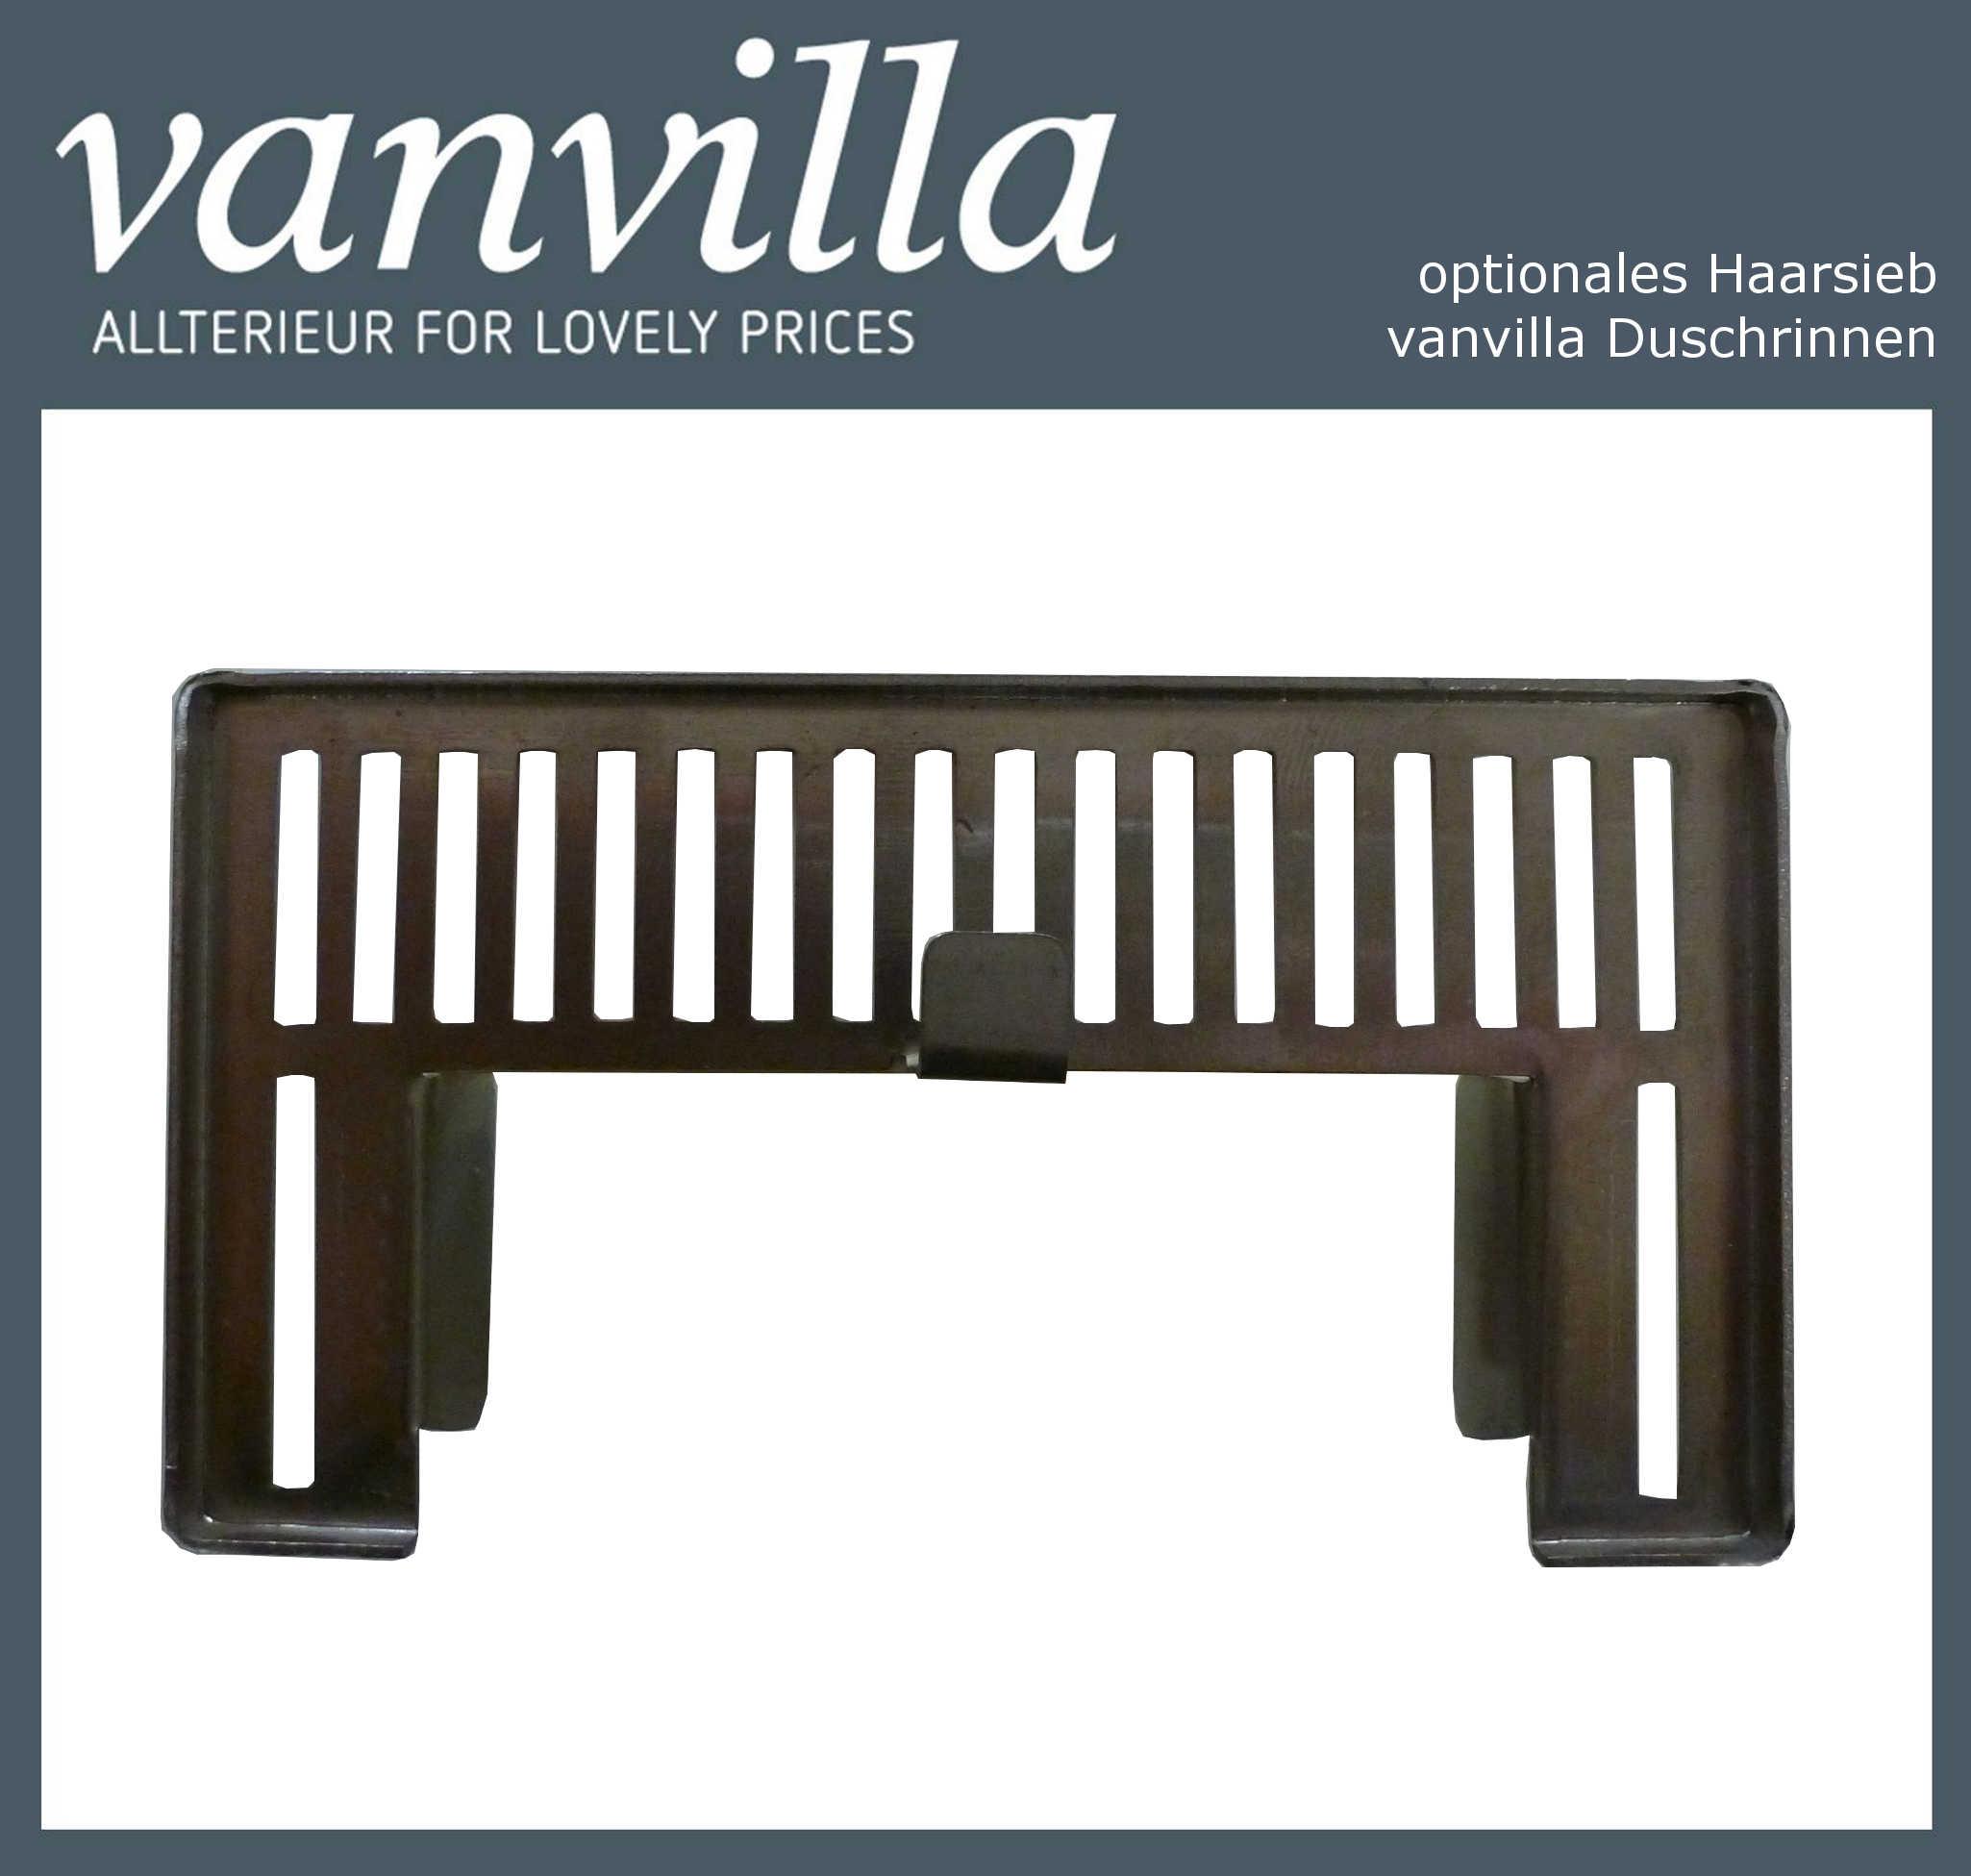 Haarsieb für vanvilla Duschrinnen